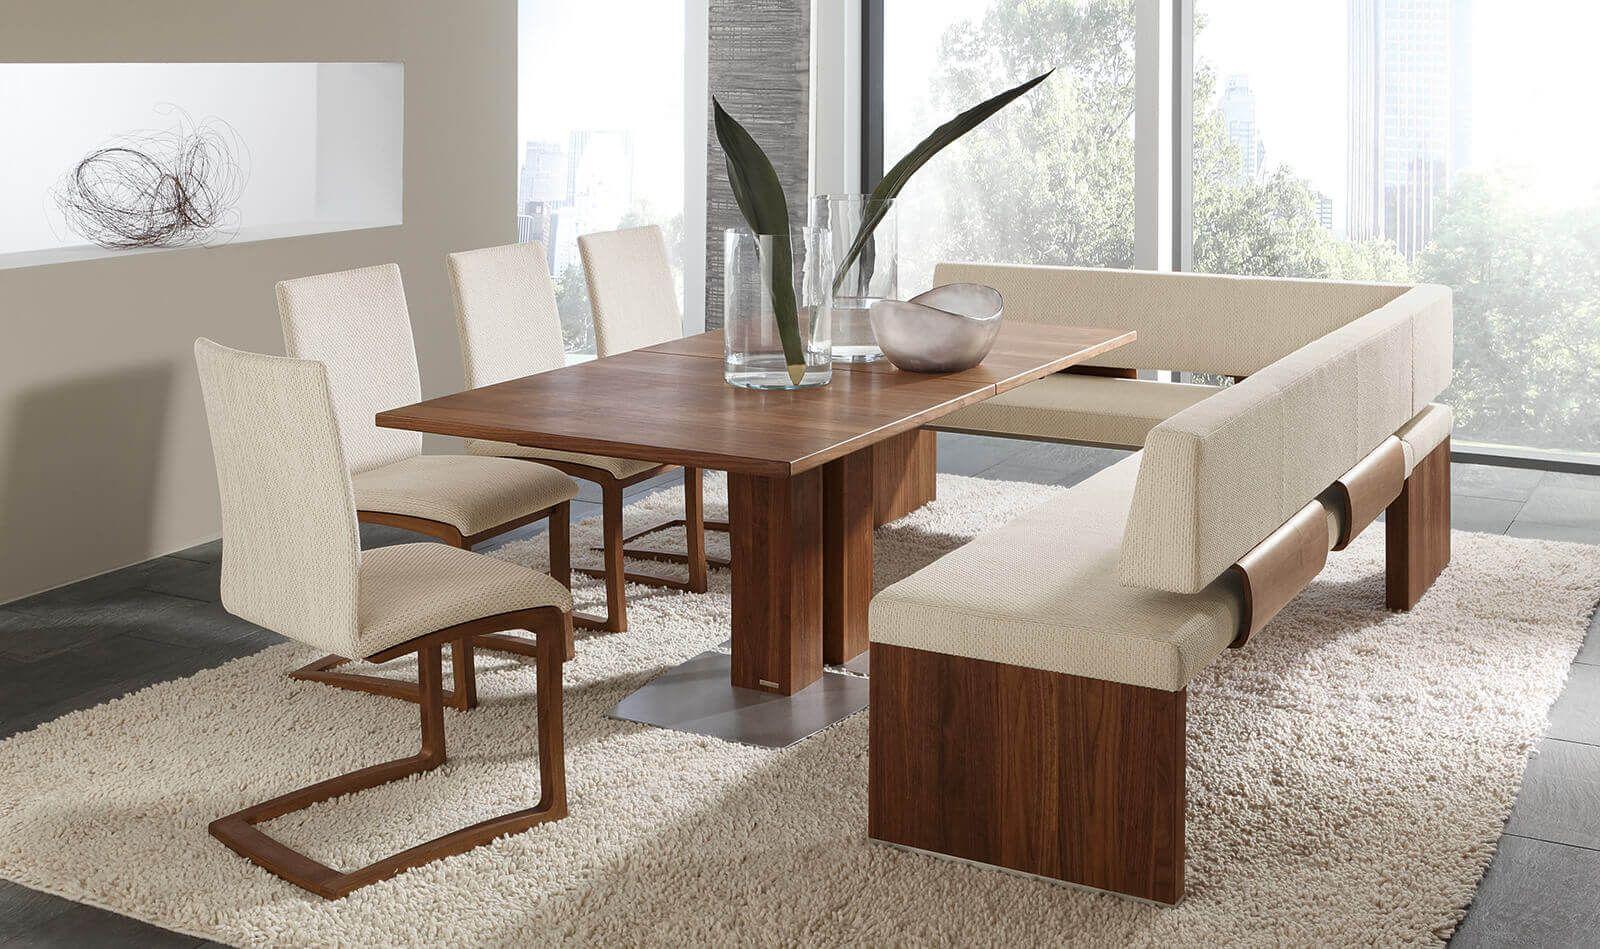 Esszimmer   Programme   Impuls   Venjakob Möbel   Vorsprung Durch Design  Und Qualität